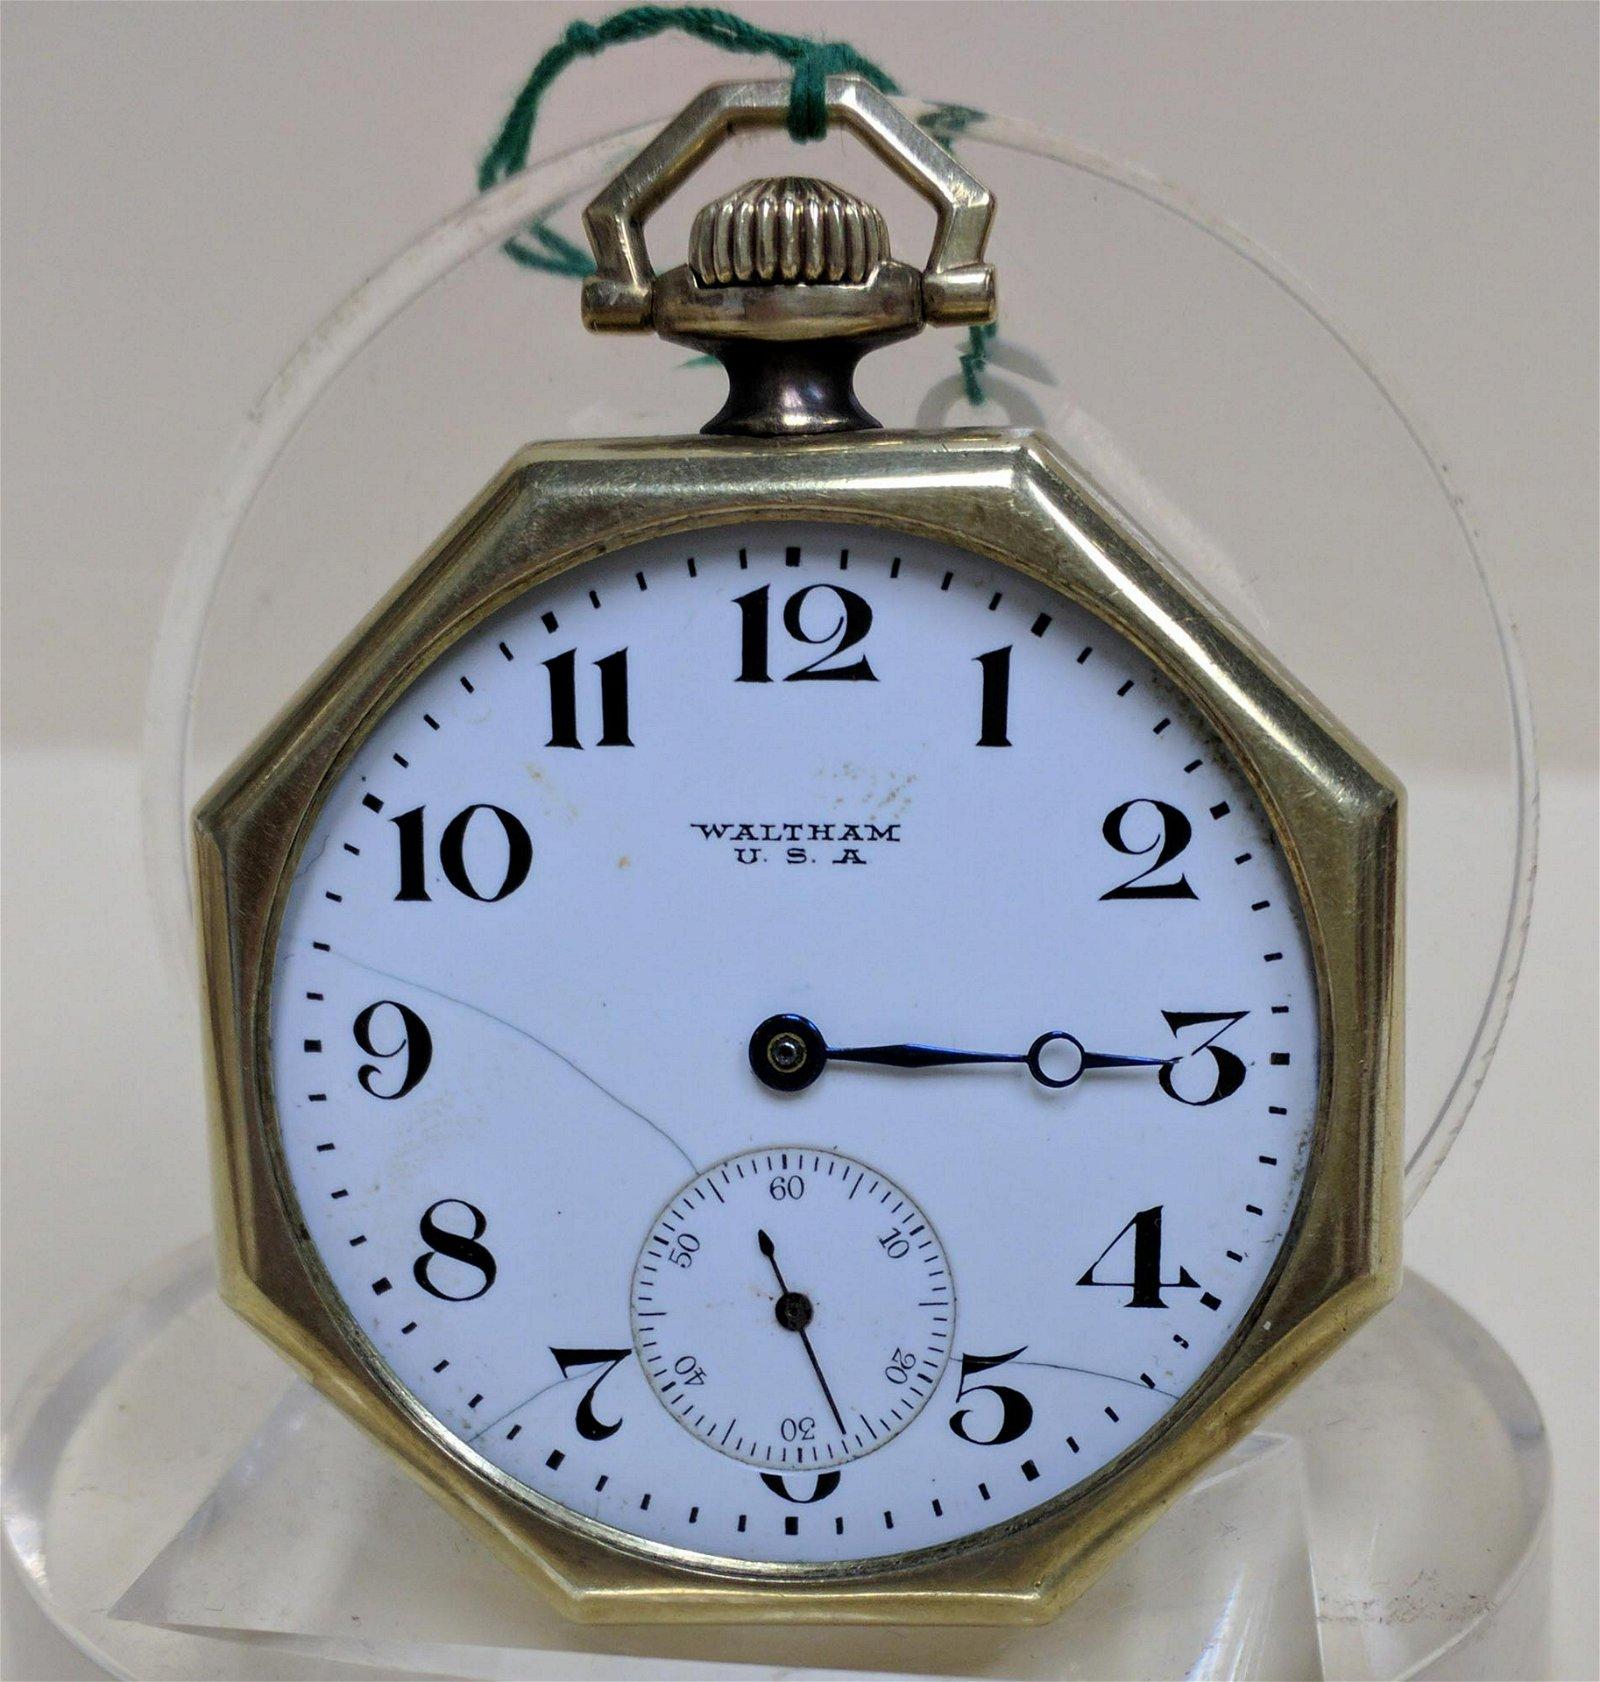 Pocket watch A.W.W. Co. Waltham Mass Pocket Watch